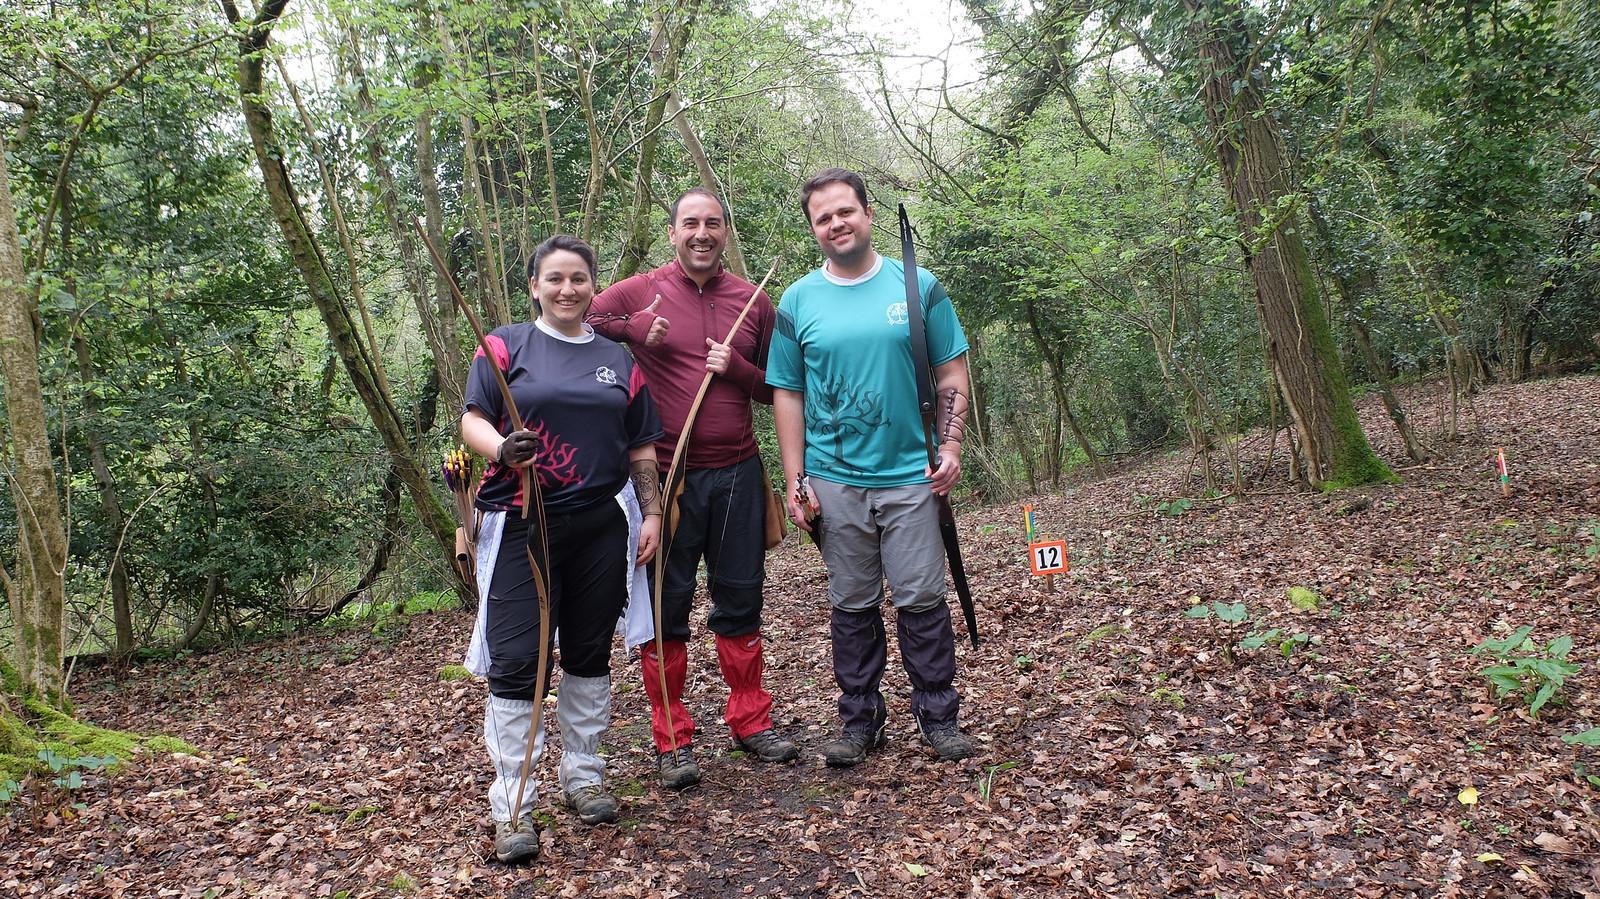 El equipo peñagrandino (yo misma, Luiyo y Alex) a punto de comenzar el recorrido de bosque